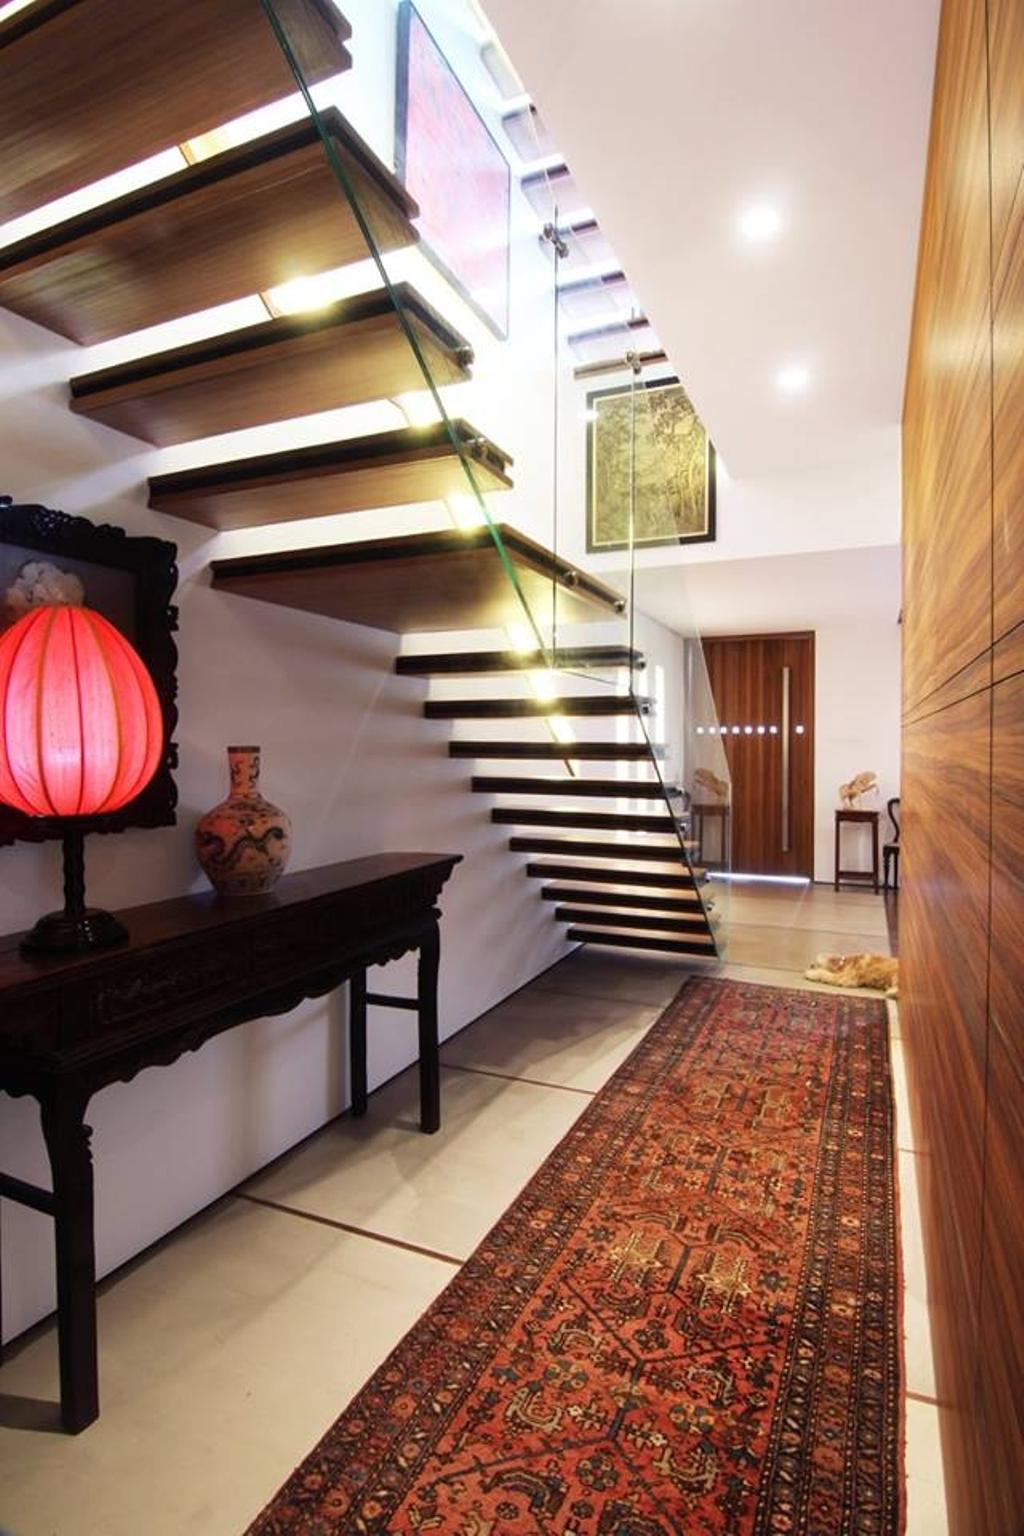 Modern, Landed, Chiselhurst Grove, Interior Designer, akiHAUS, Jar, Pottery, Vase, Banister, Handrail, Staircase, Lamp, Lantern